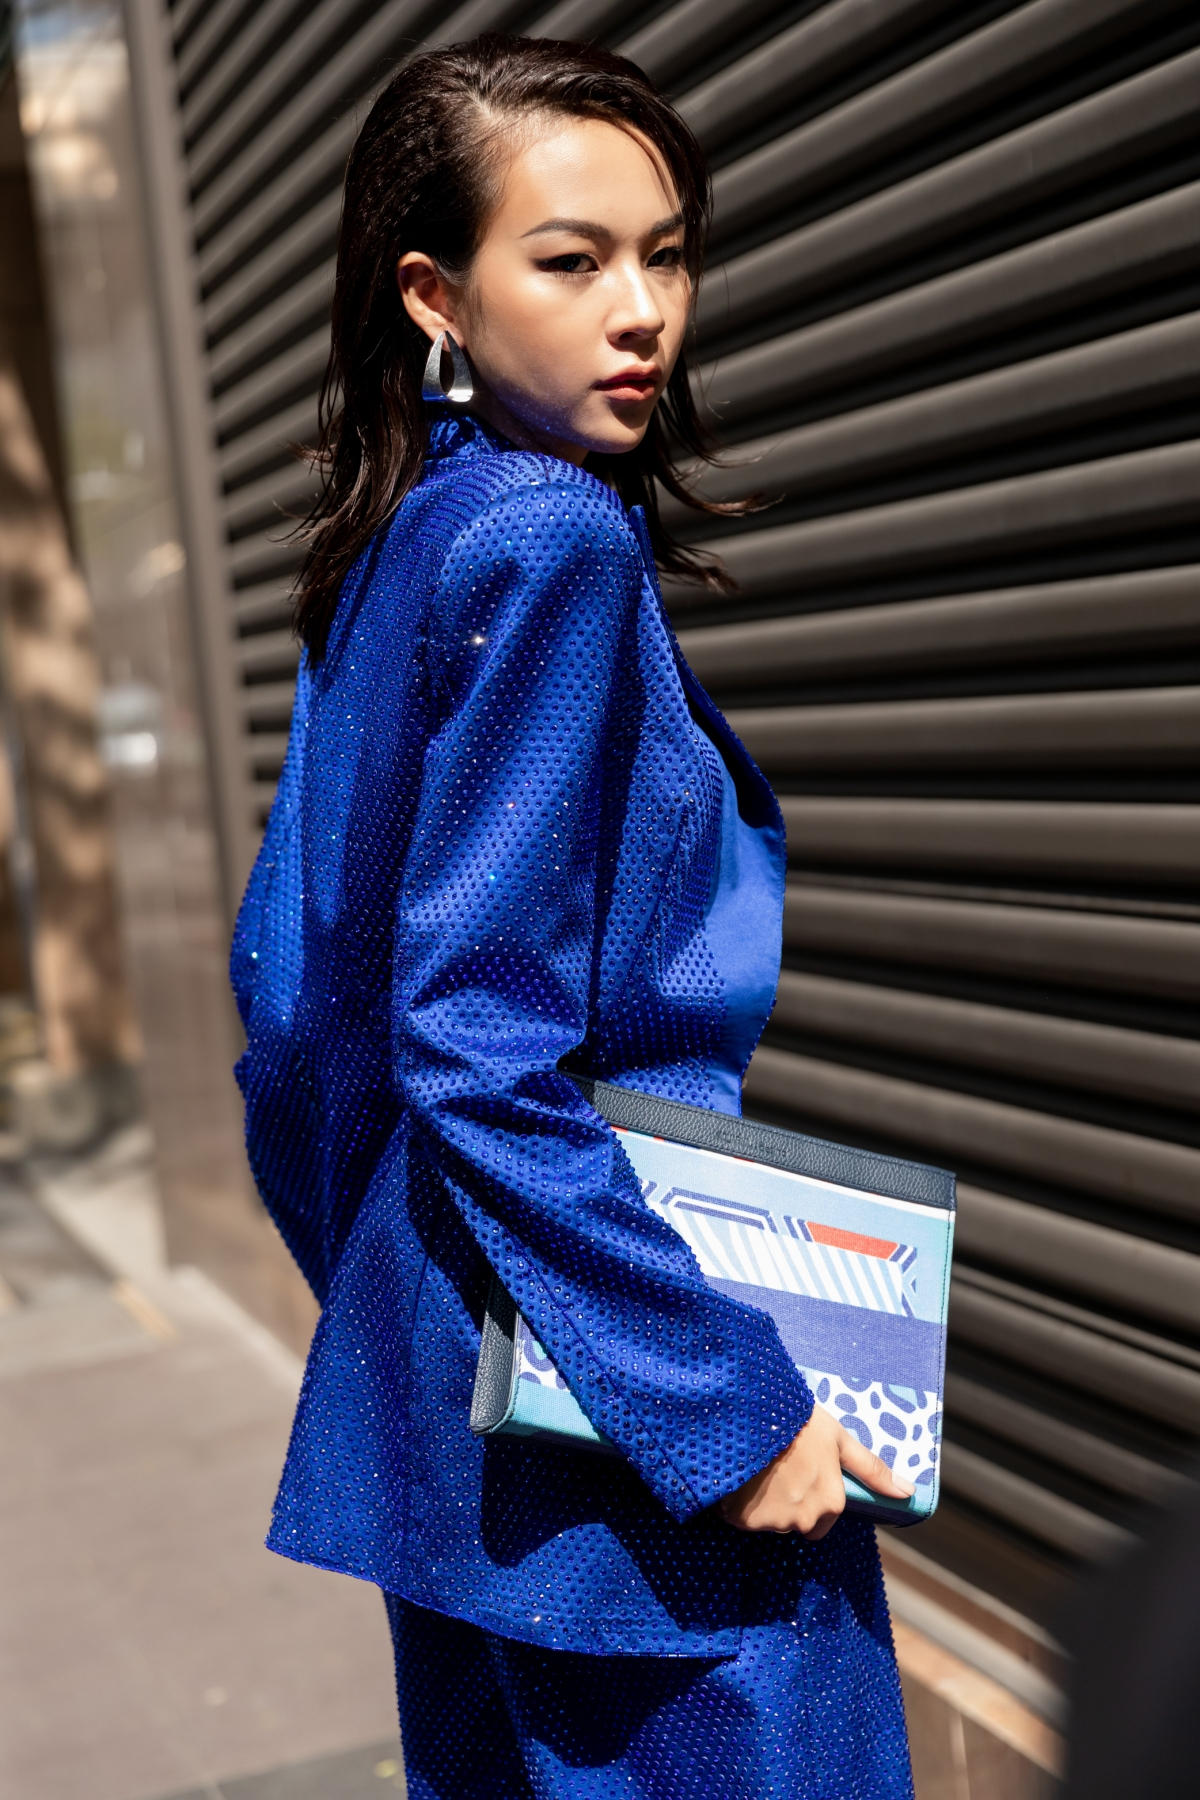 Tạo nét nổi bật với suit xanh cá tính lấy ý tưởng từ thương hiệu Aquafina trong bộ đồ thứ hai, Phí Phương Anh tiếp tục thu hút mọi ánh nhìn.